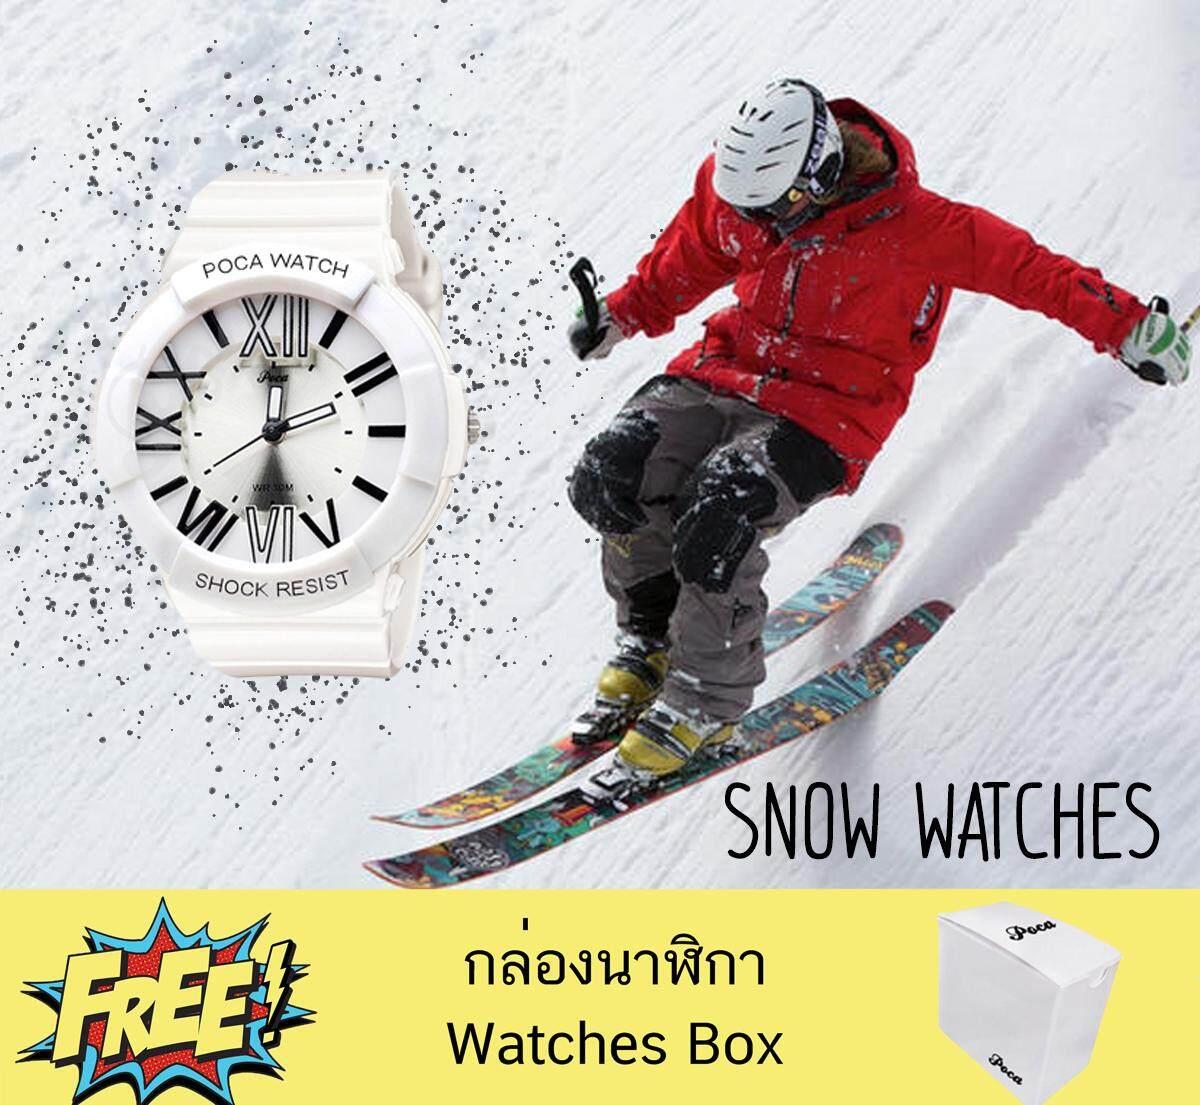 Poca Shop Watch Snow Women นาฬิกาข้อมือ สายยางผู้หญิง สวยๆ Po BabyLadySw-GP92GB(White/White) กล่อง PocaBox